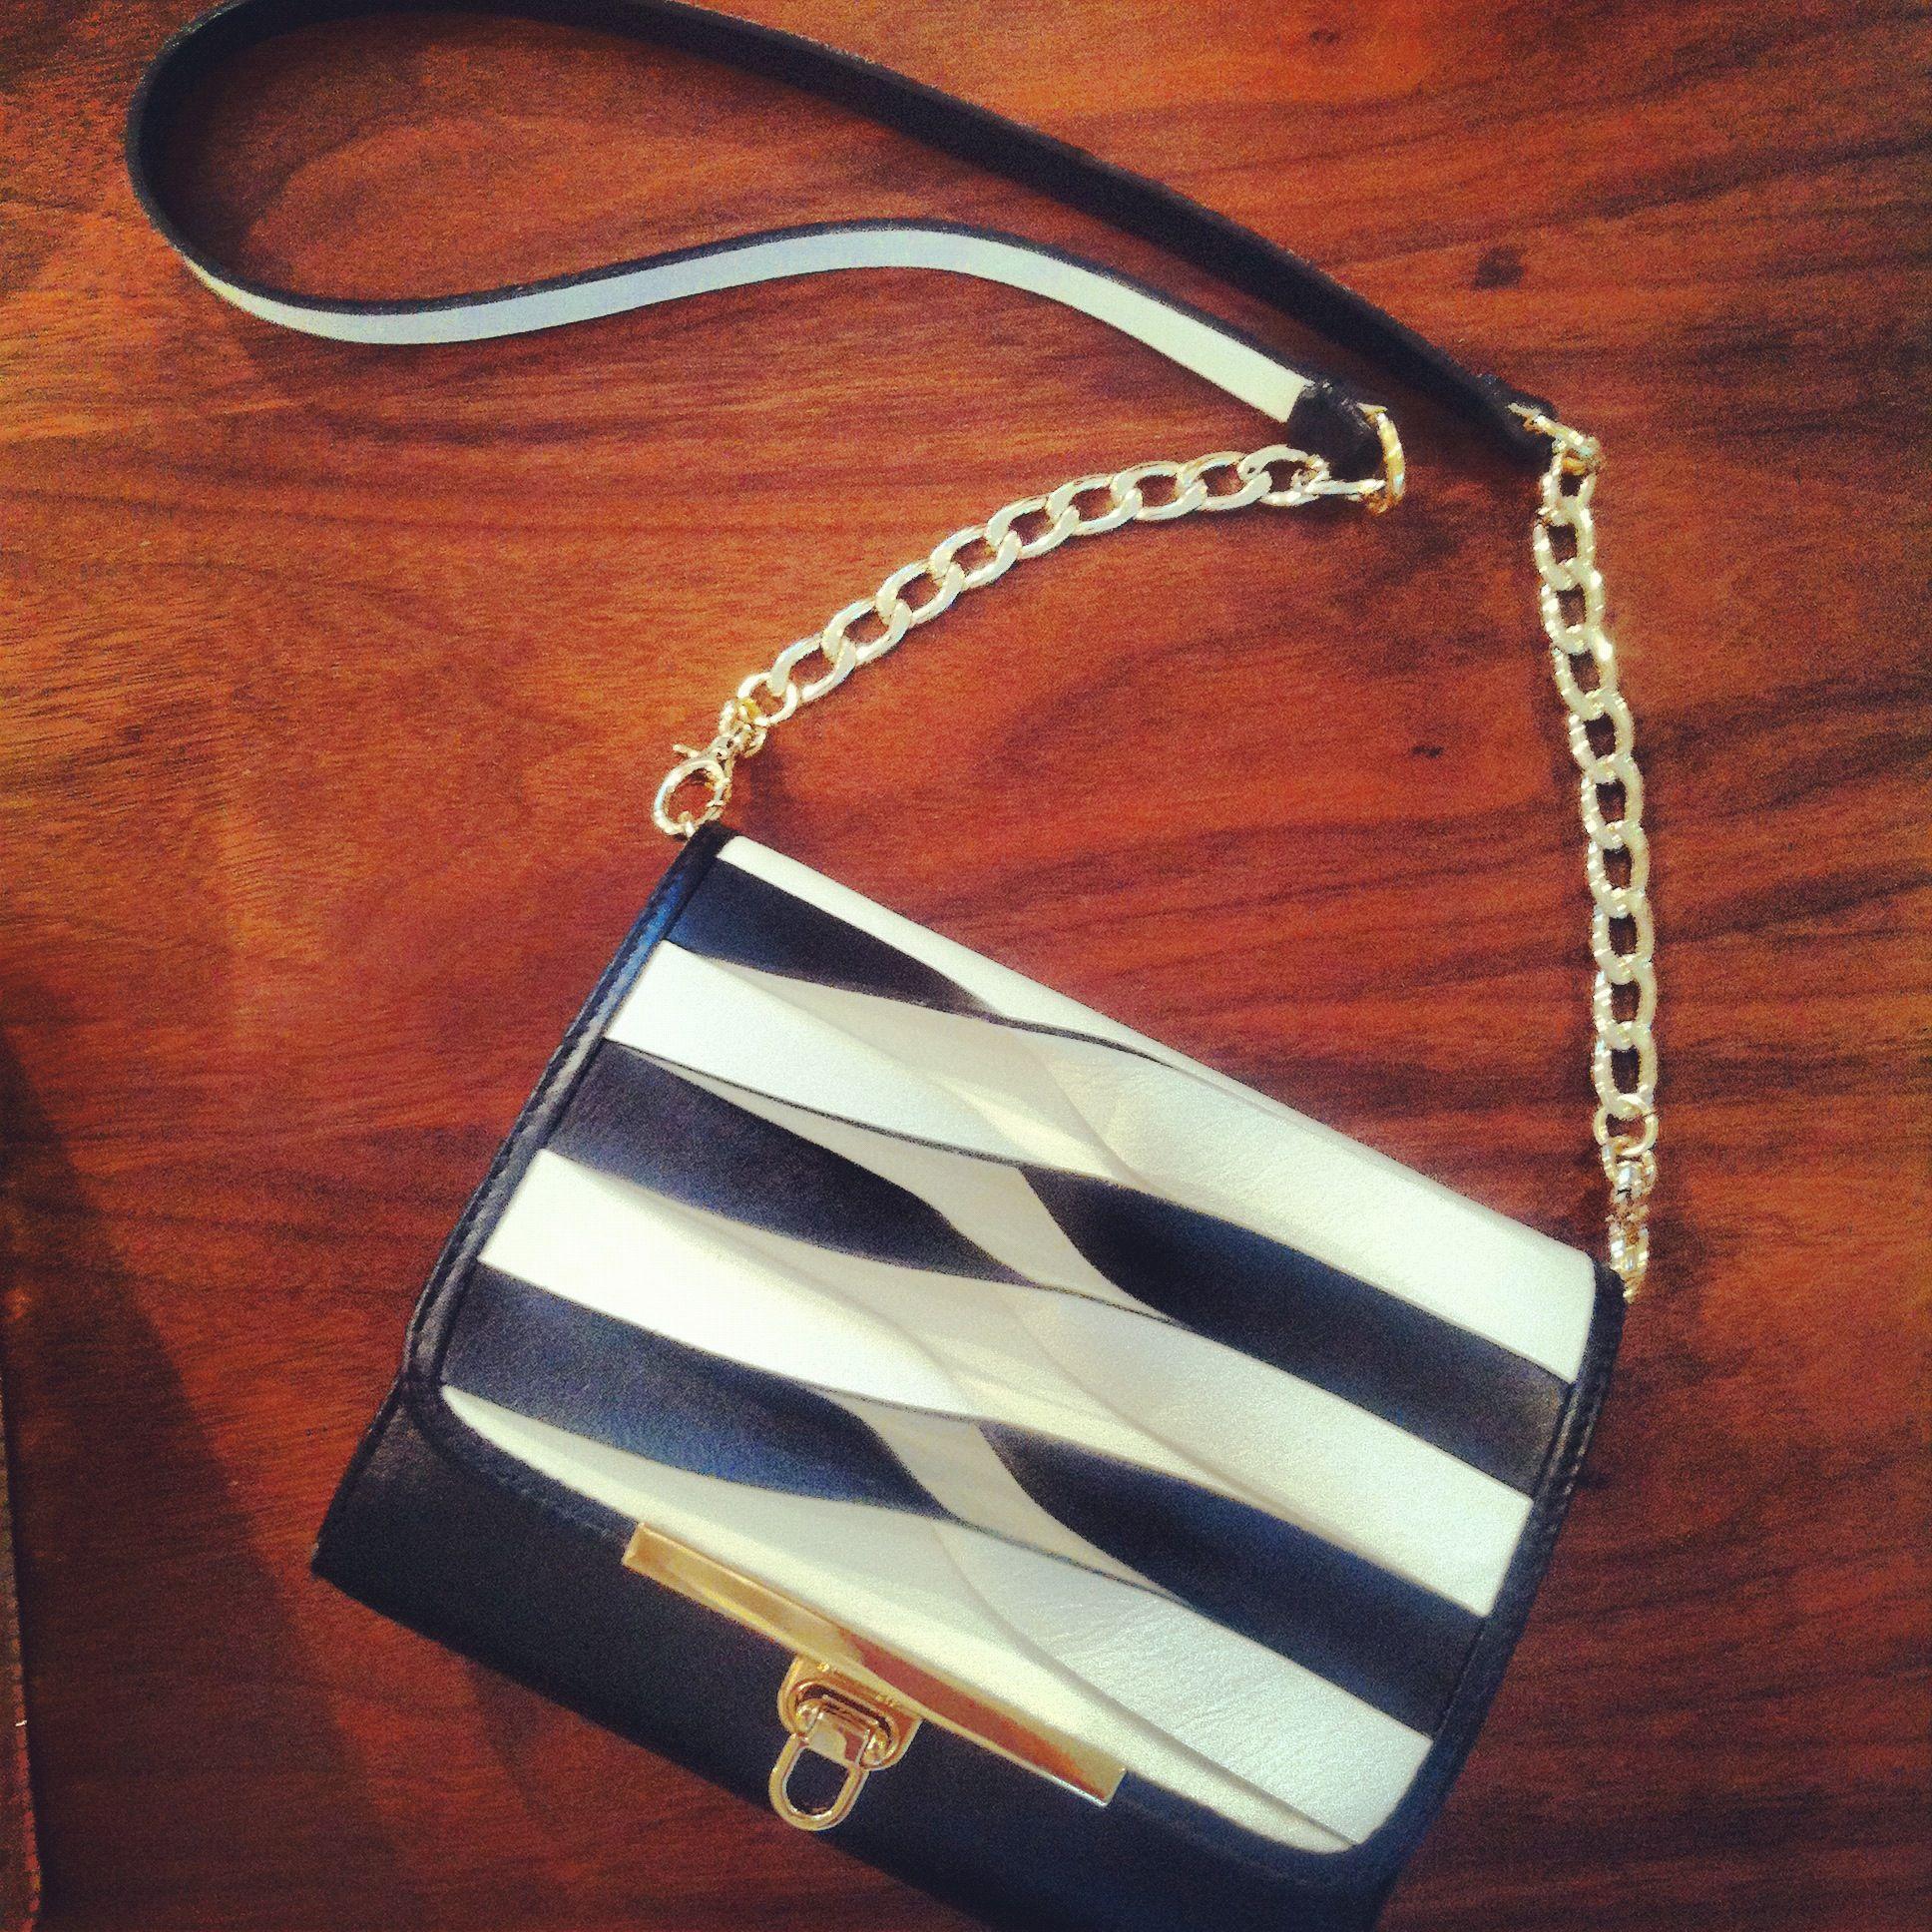 Bolsa Adô = design + personalidade ! > adoatelier.com